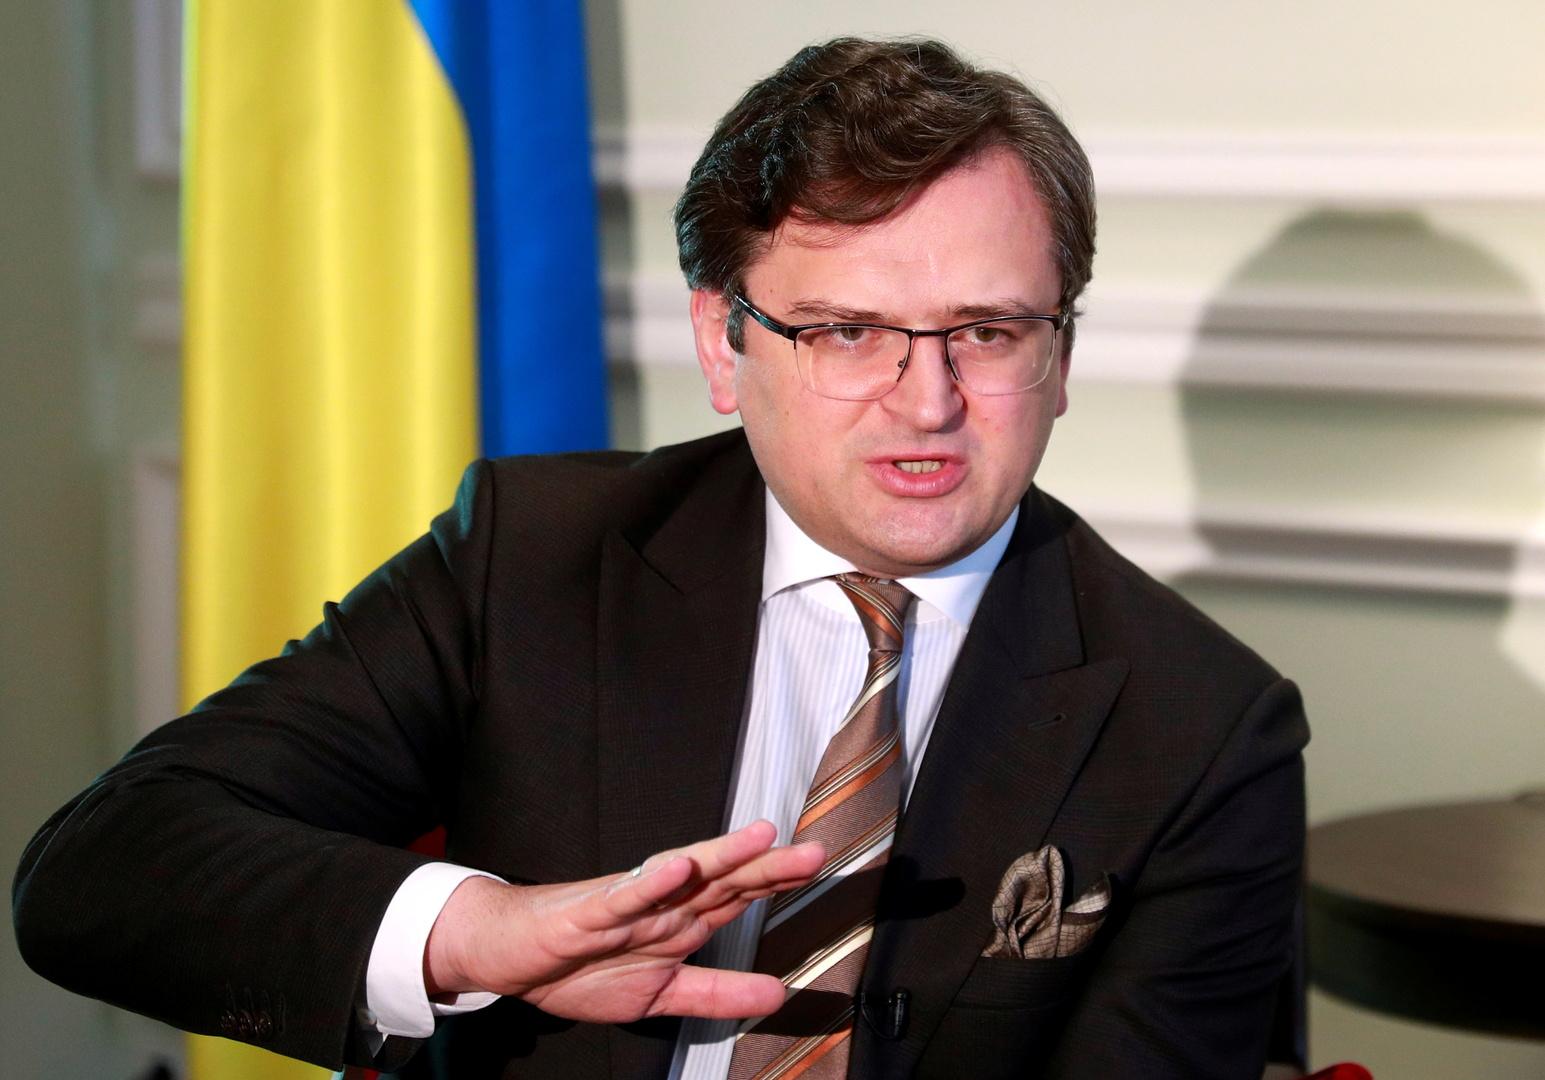 أوكرانيا تدعو الدول الغربية لاتخاذ إجراءات ضد روسيا